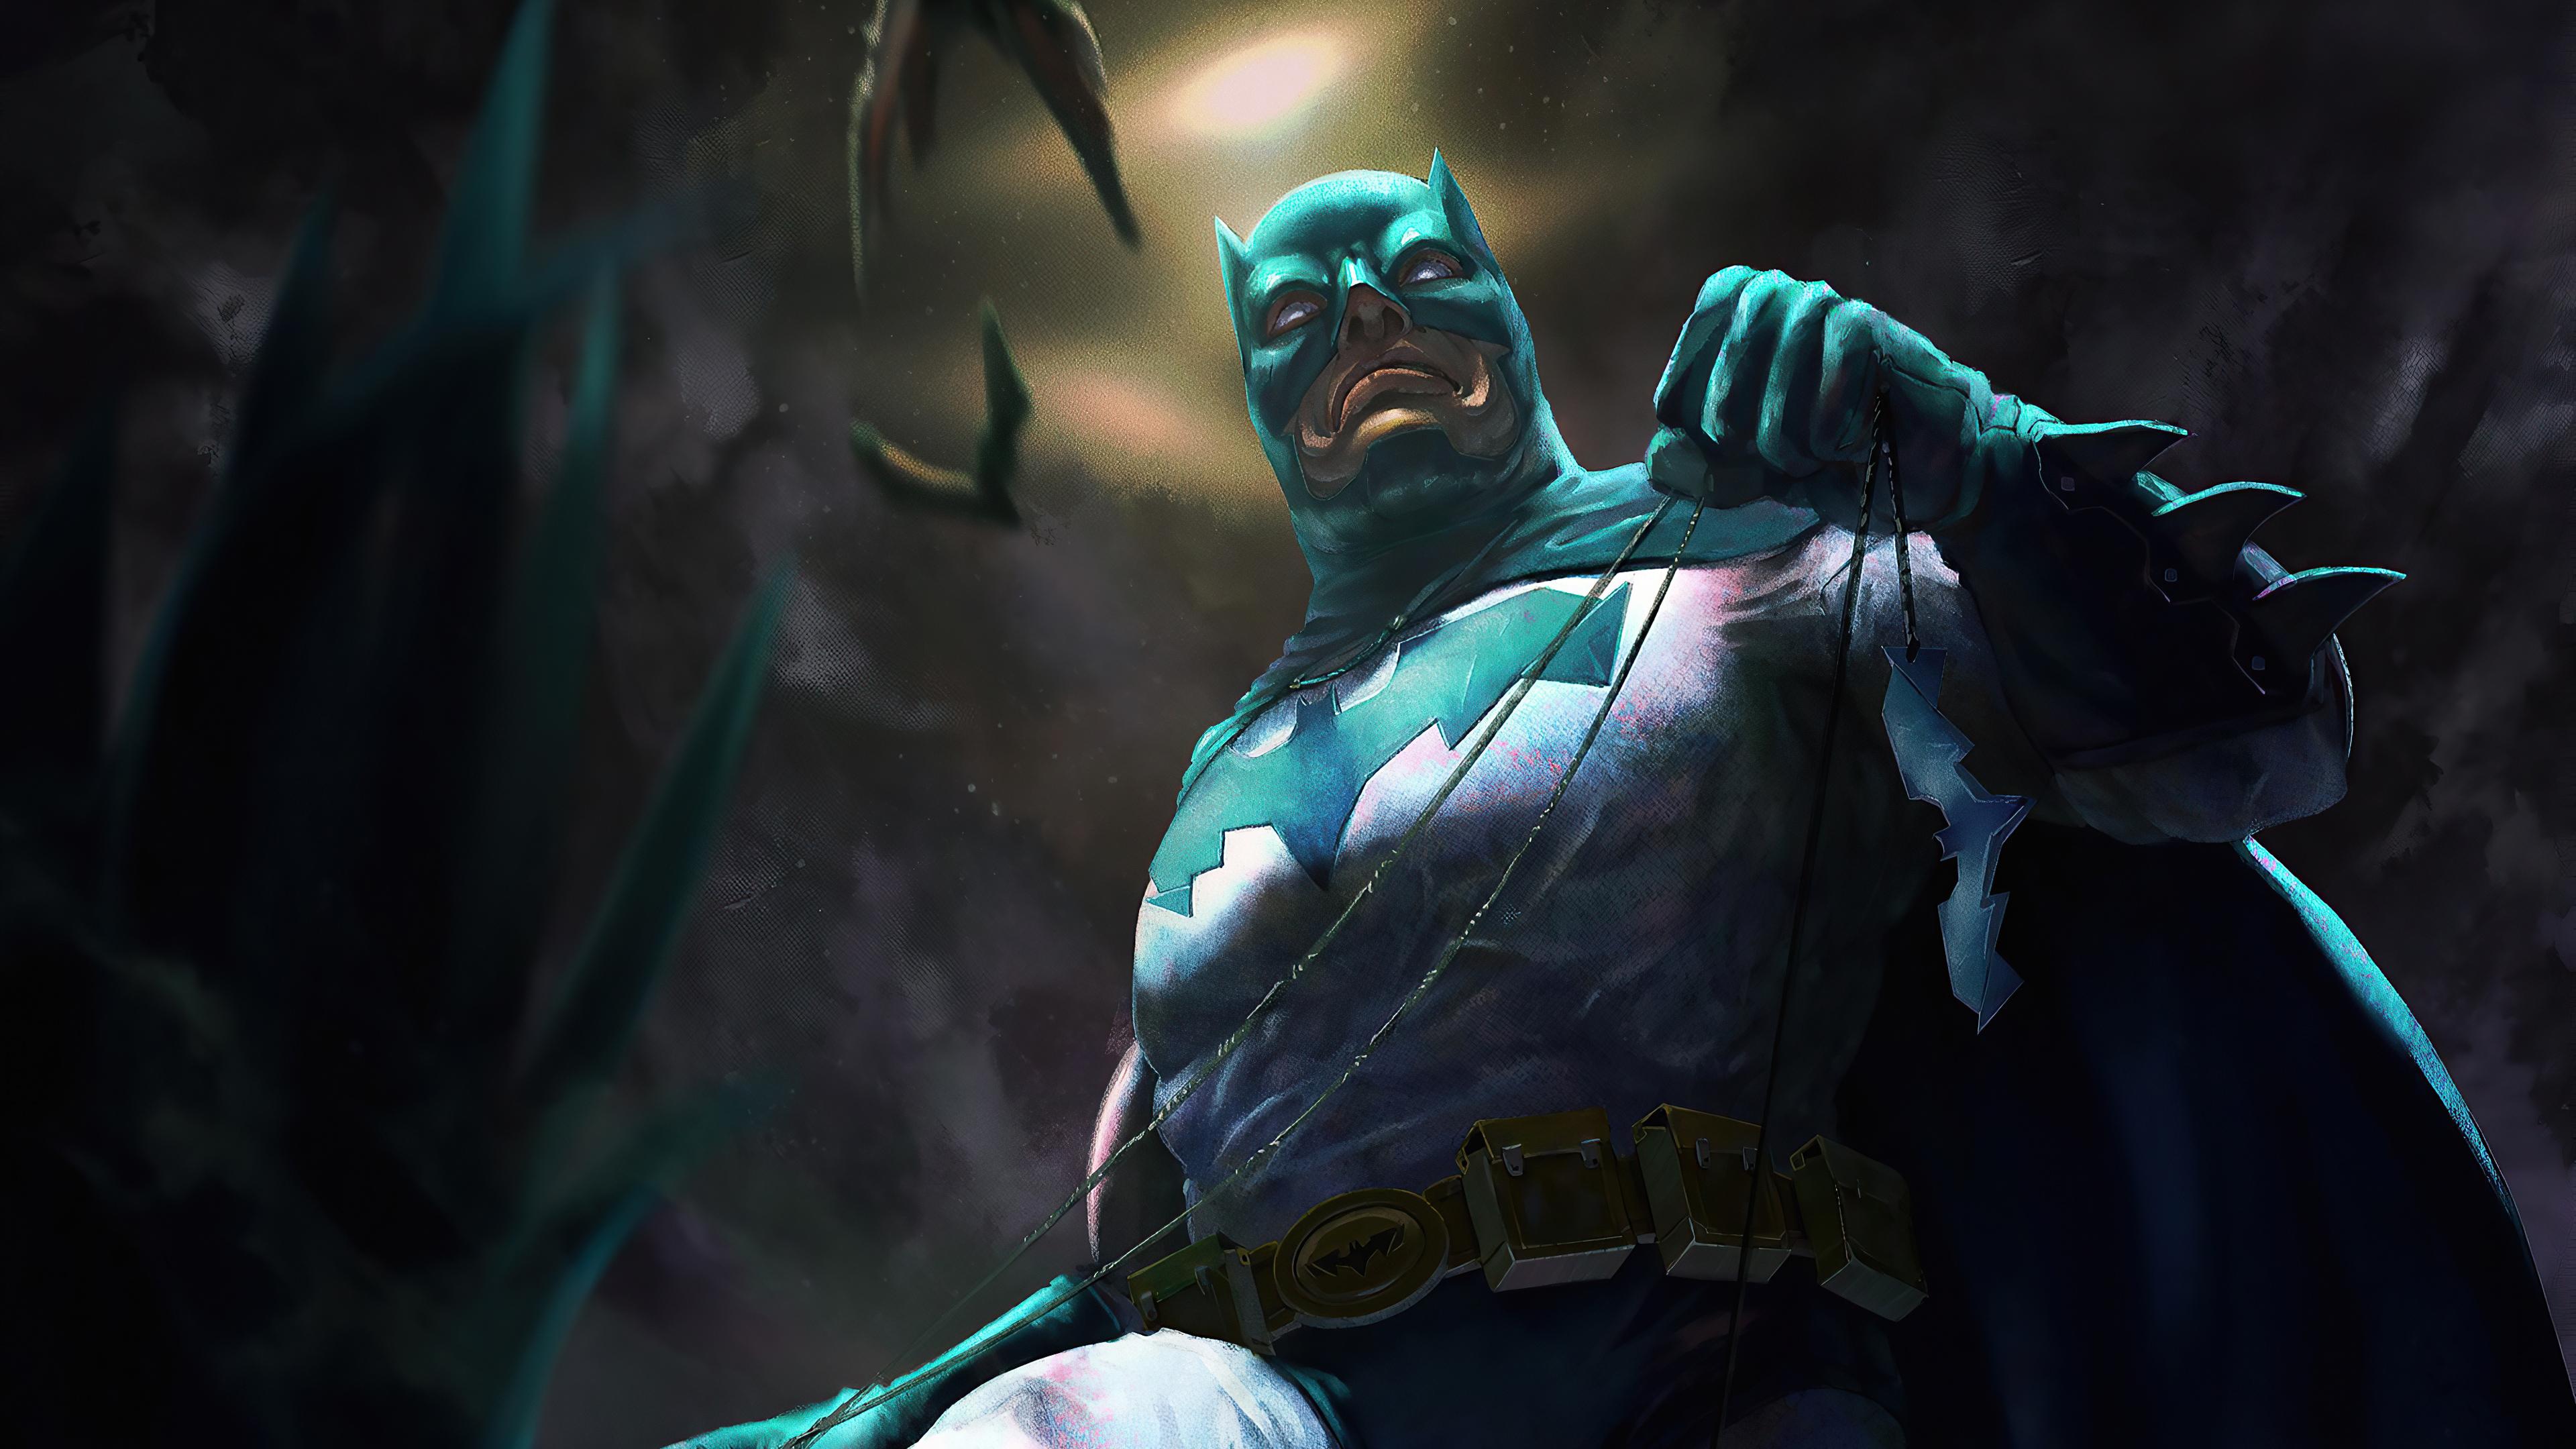 Wallpaper Batman Art 2020